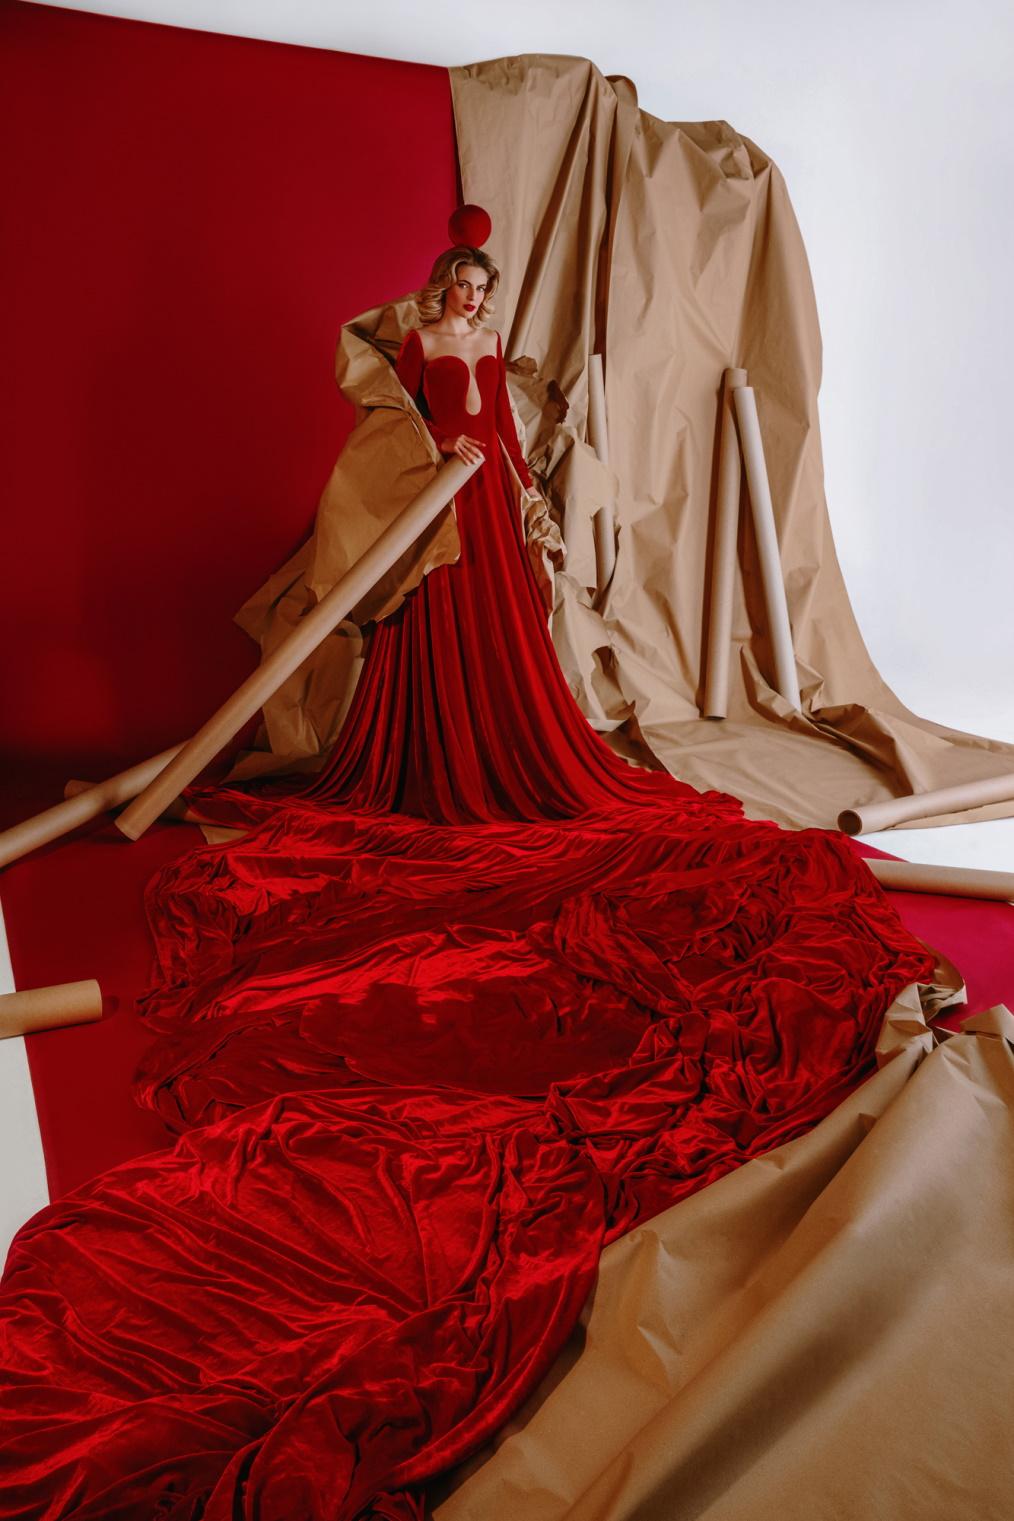 Taj ljupki svijet Boudoir djevojaka: RED DELIGHTS by BOUDOIR